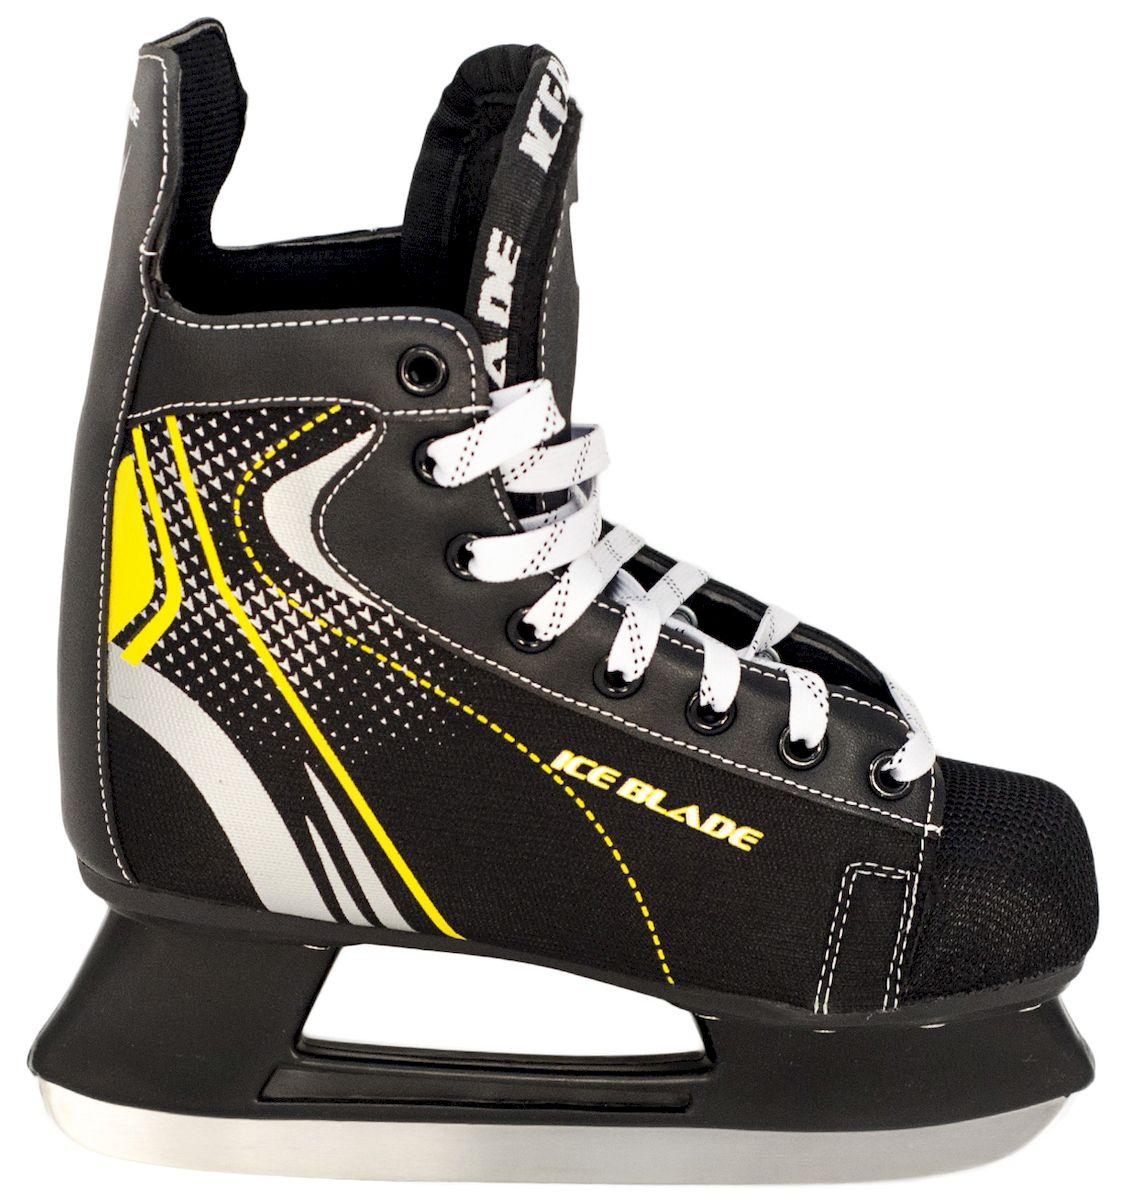 Коньки хоккейные Ice Blade Shark, цвет: черный, желтый. УТ-00006841. Размер 38УТ-00006841Коньки хоккейные Shark имеют модный яркий дизайн, поэтому данная модель очень популярна у любителей хоккея.Ботинок выполнен из искусственной кожи, высокопрочной нейлоновой ткани и ударостойкого пластика. Лезвие изготовлено из высокоуглеродистой стали с покрытием из никеля, что гарантирует прочность и долговечность. В качестве внутренней отделки используется вельветин с утеплителем. Коньки поставляются с заводской заточкой лезвия, что позволяет сразу приступить к катанию, не тратя время и денег на заточку. Коньки подходят для использования на открытом и закрытом льду.Удобная система фиксации ноги и улучшенная колодка сделают катание комфортным и безопасным.